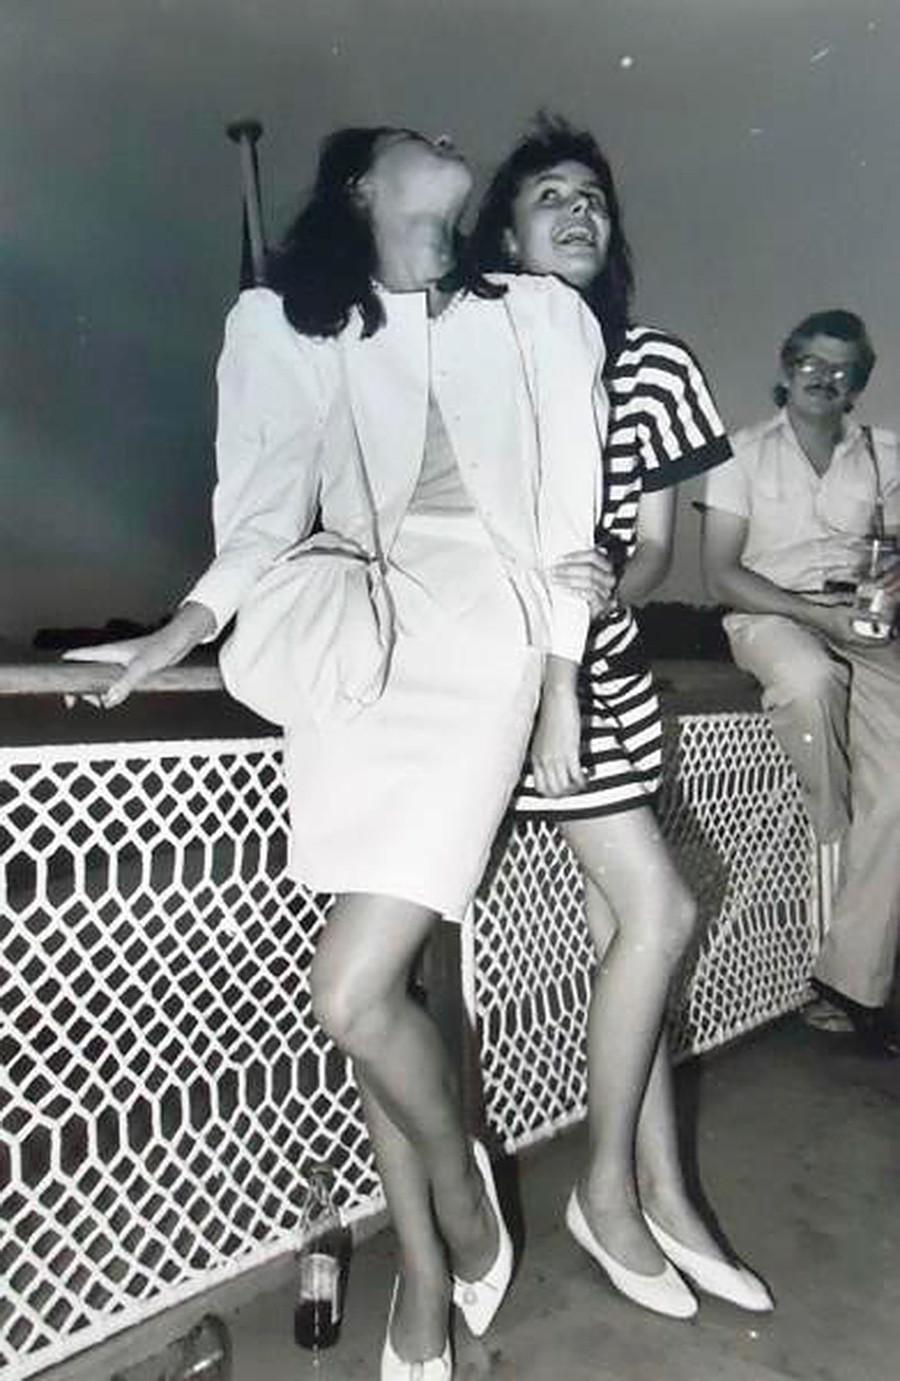 モスクワの美女、カーチャ・チェリチキナとマーシャ・カリーニナ